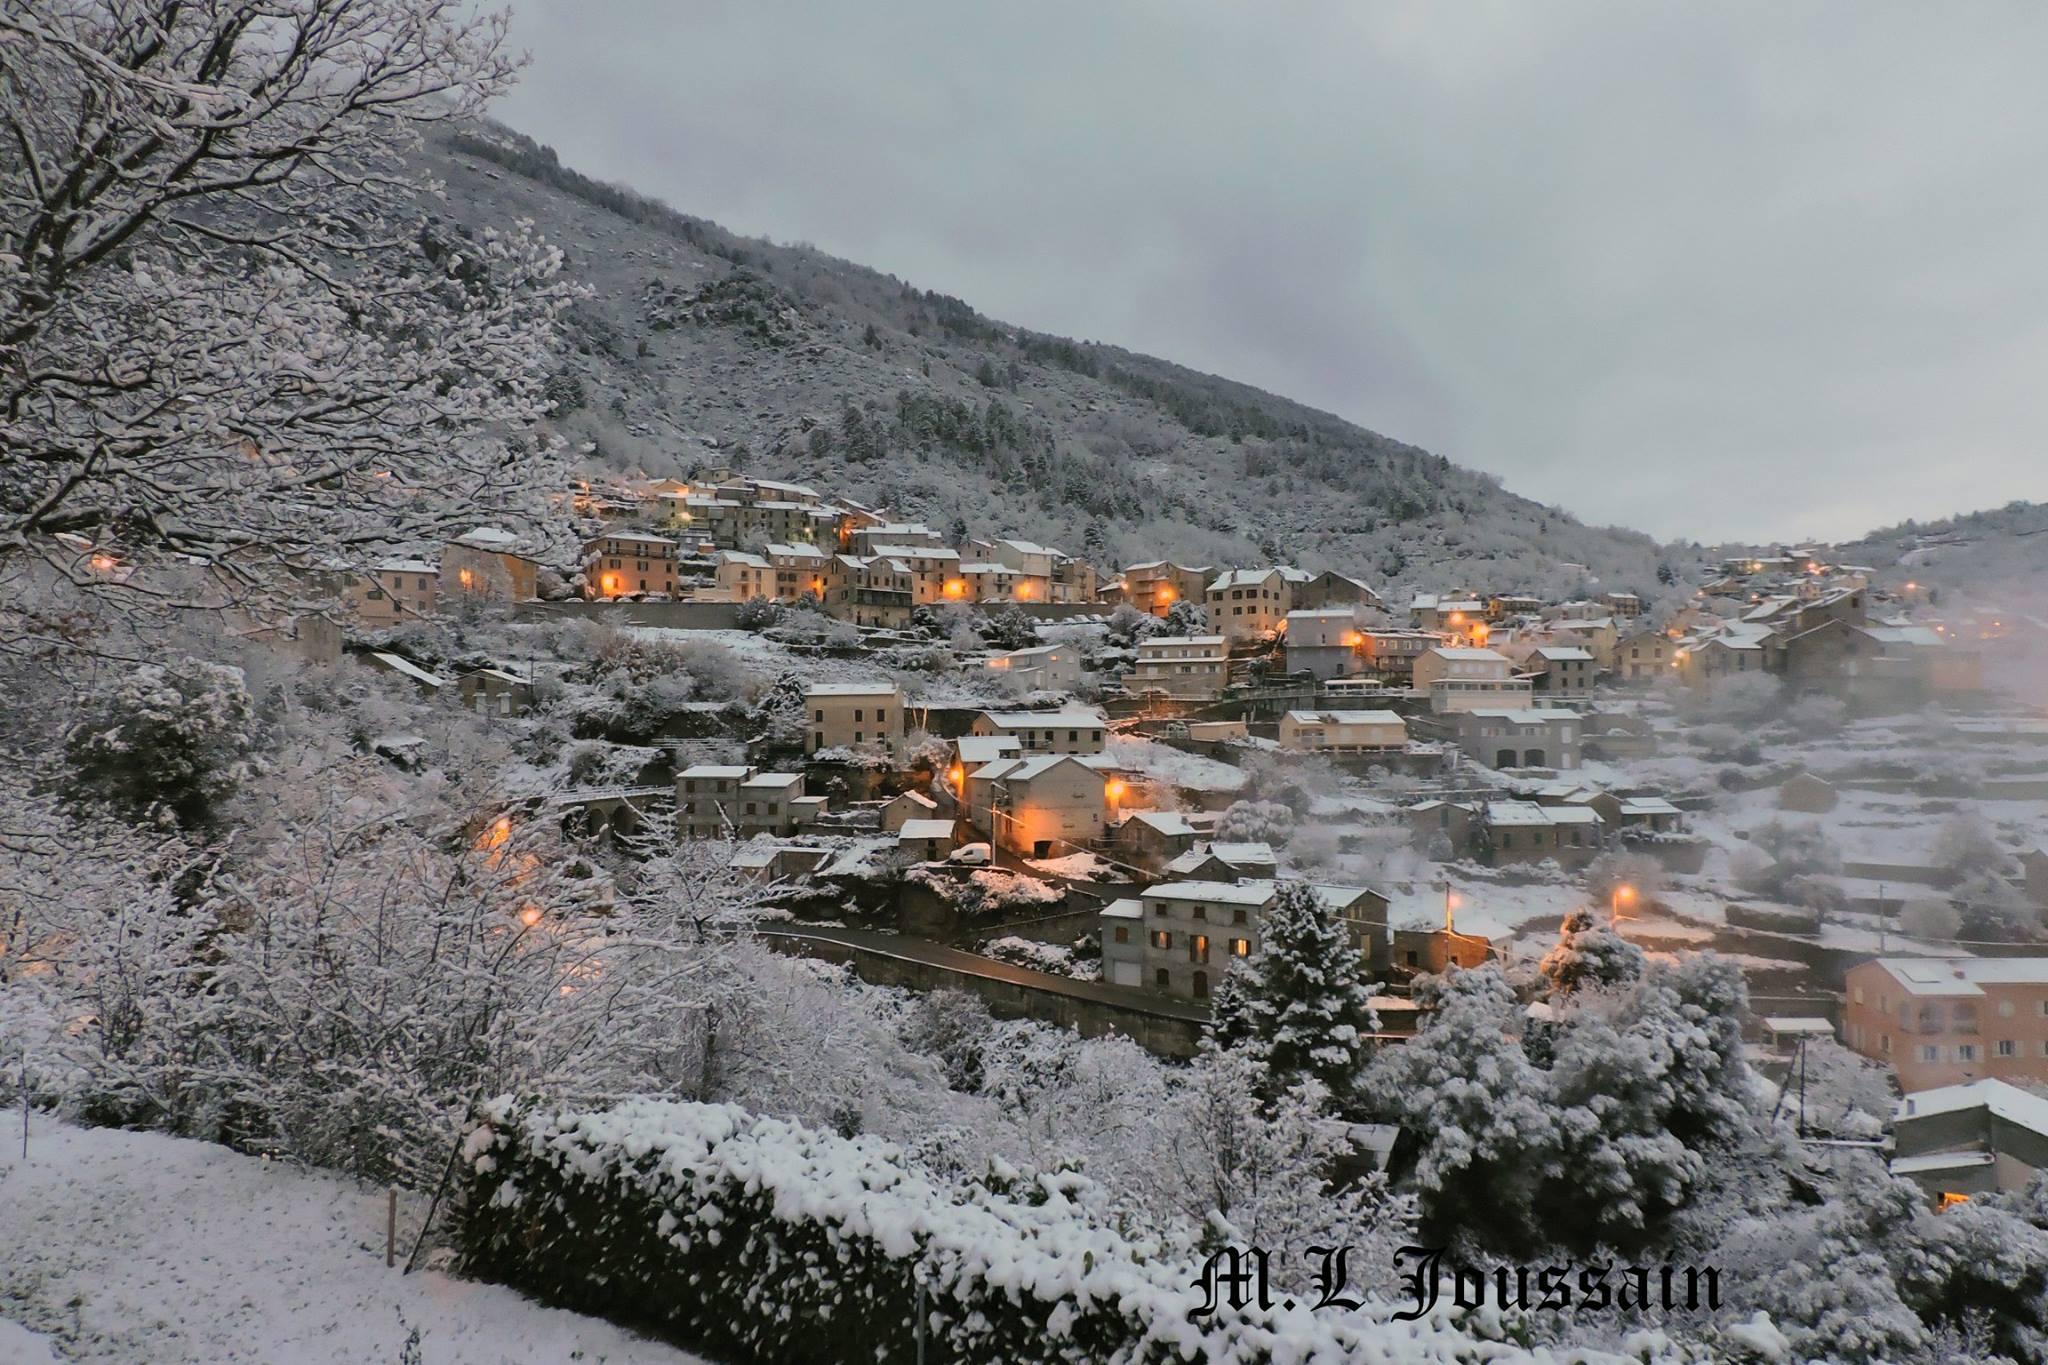 Le Venacais sous la neige : La jolie carte postale